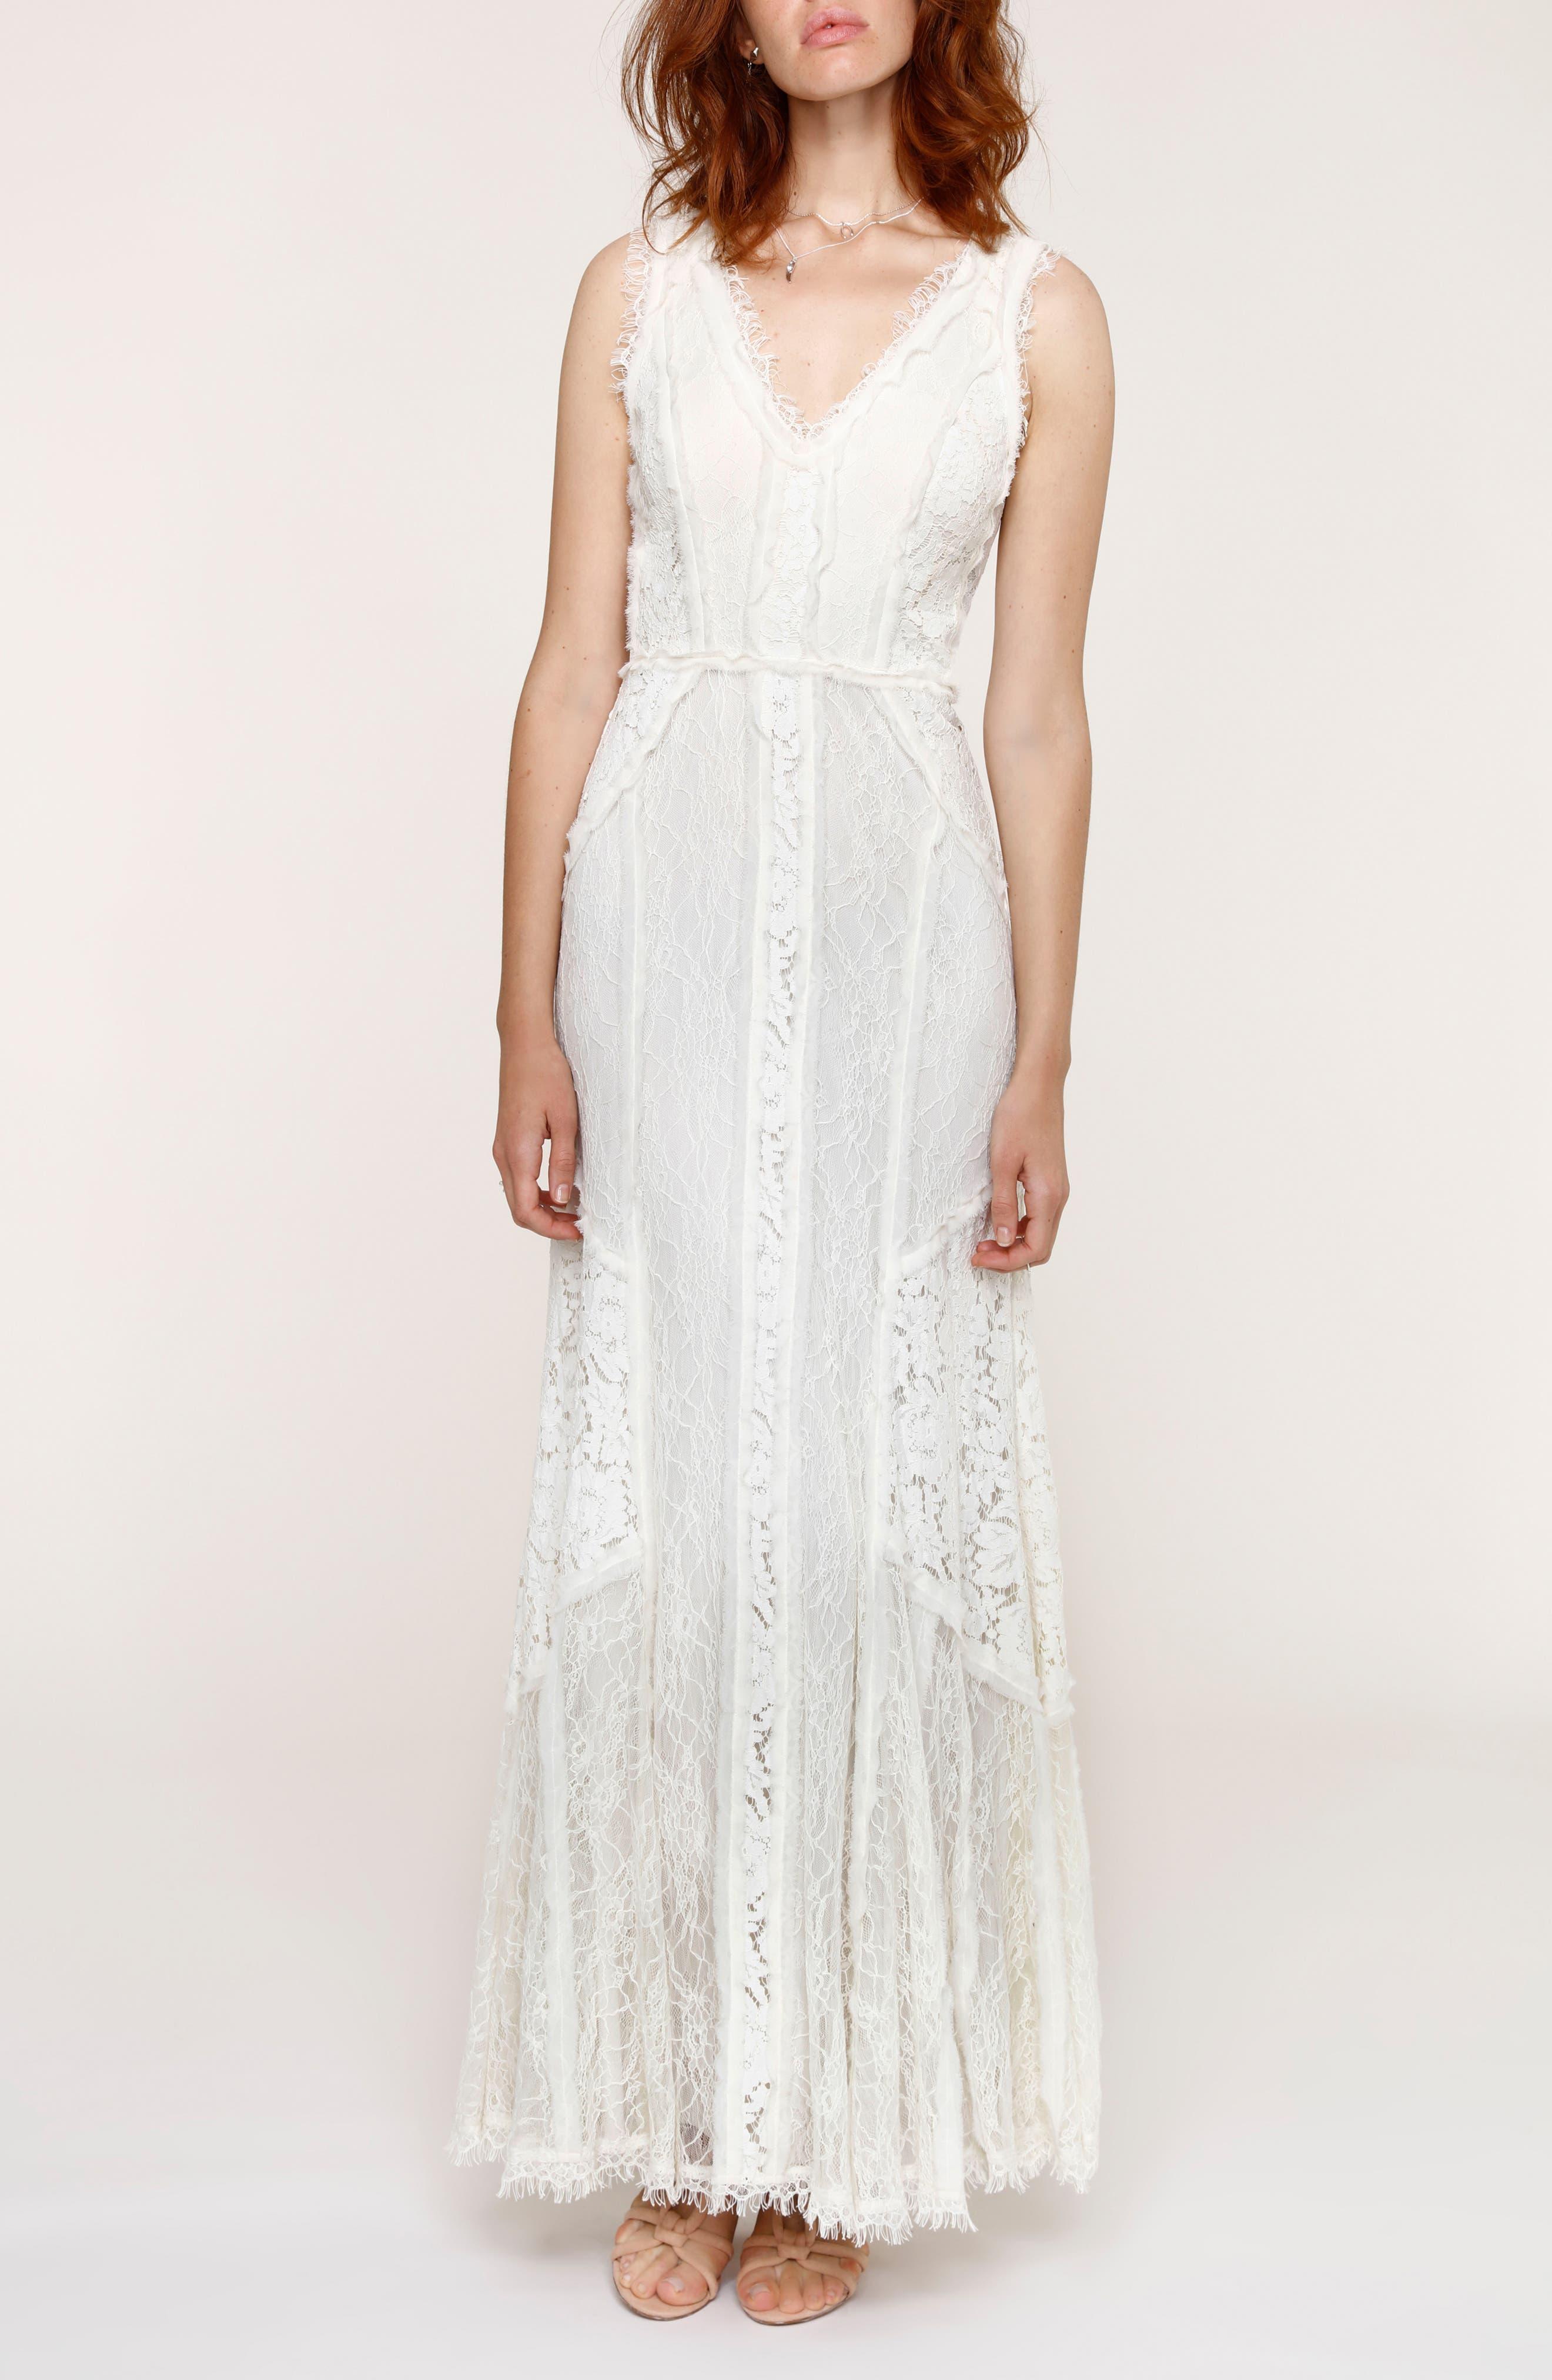 Felix Cutout Back Lace Fit & Flare Dress,                         Main,                         color, 101